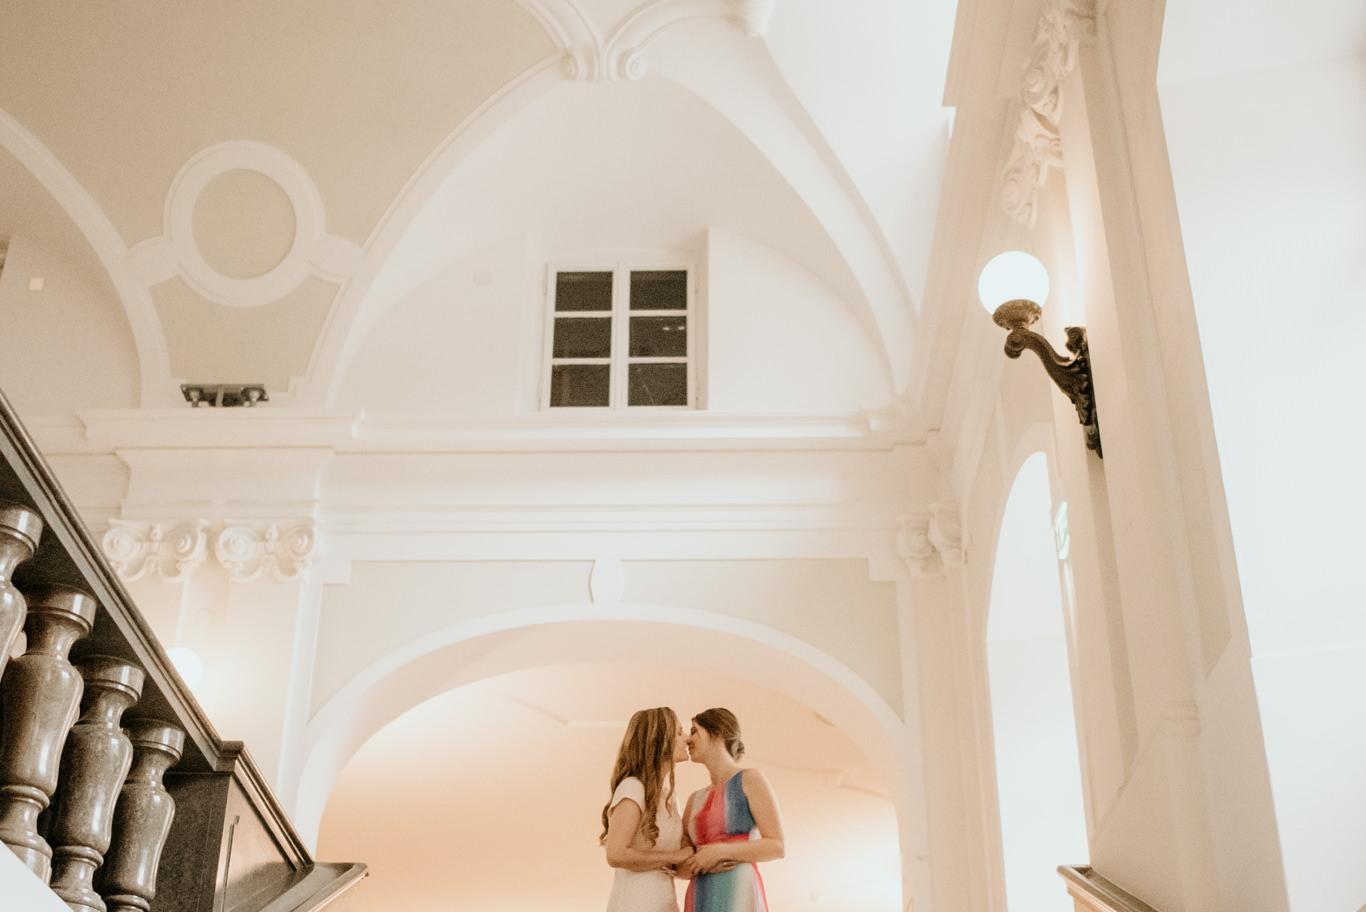 gleichgeschlechtliche Hochzeit, Heidelberg, same sex wedding, Mannheim, Fotograf, Bilder